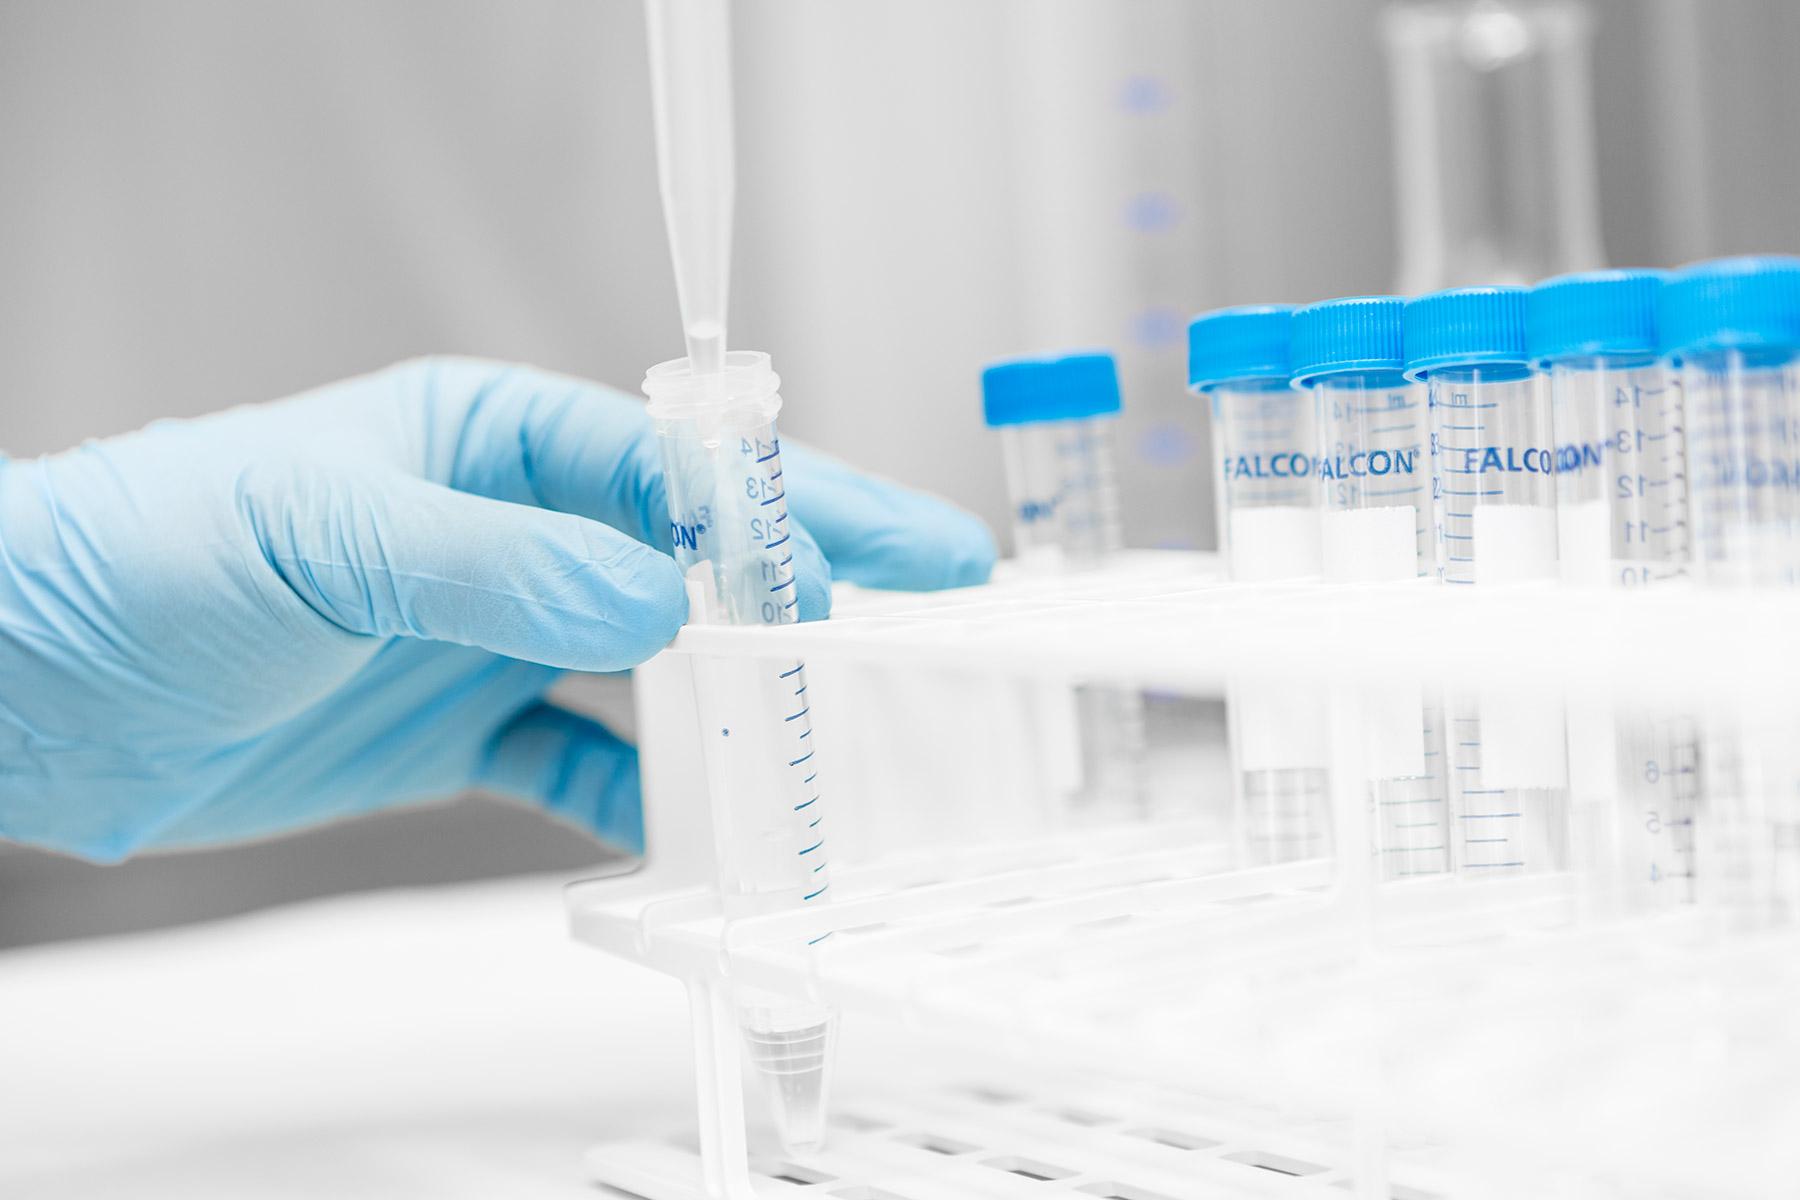 Terveyden ja hyvinvoinnin laitos liittyy biopankkien verkostoon – merkittävä vahvistus suomalaiselle biopankkitoiminnalle